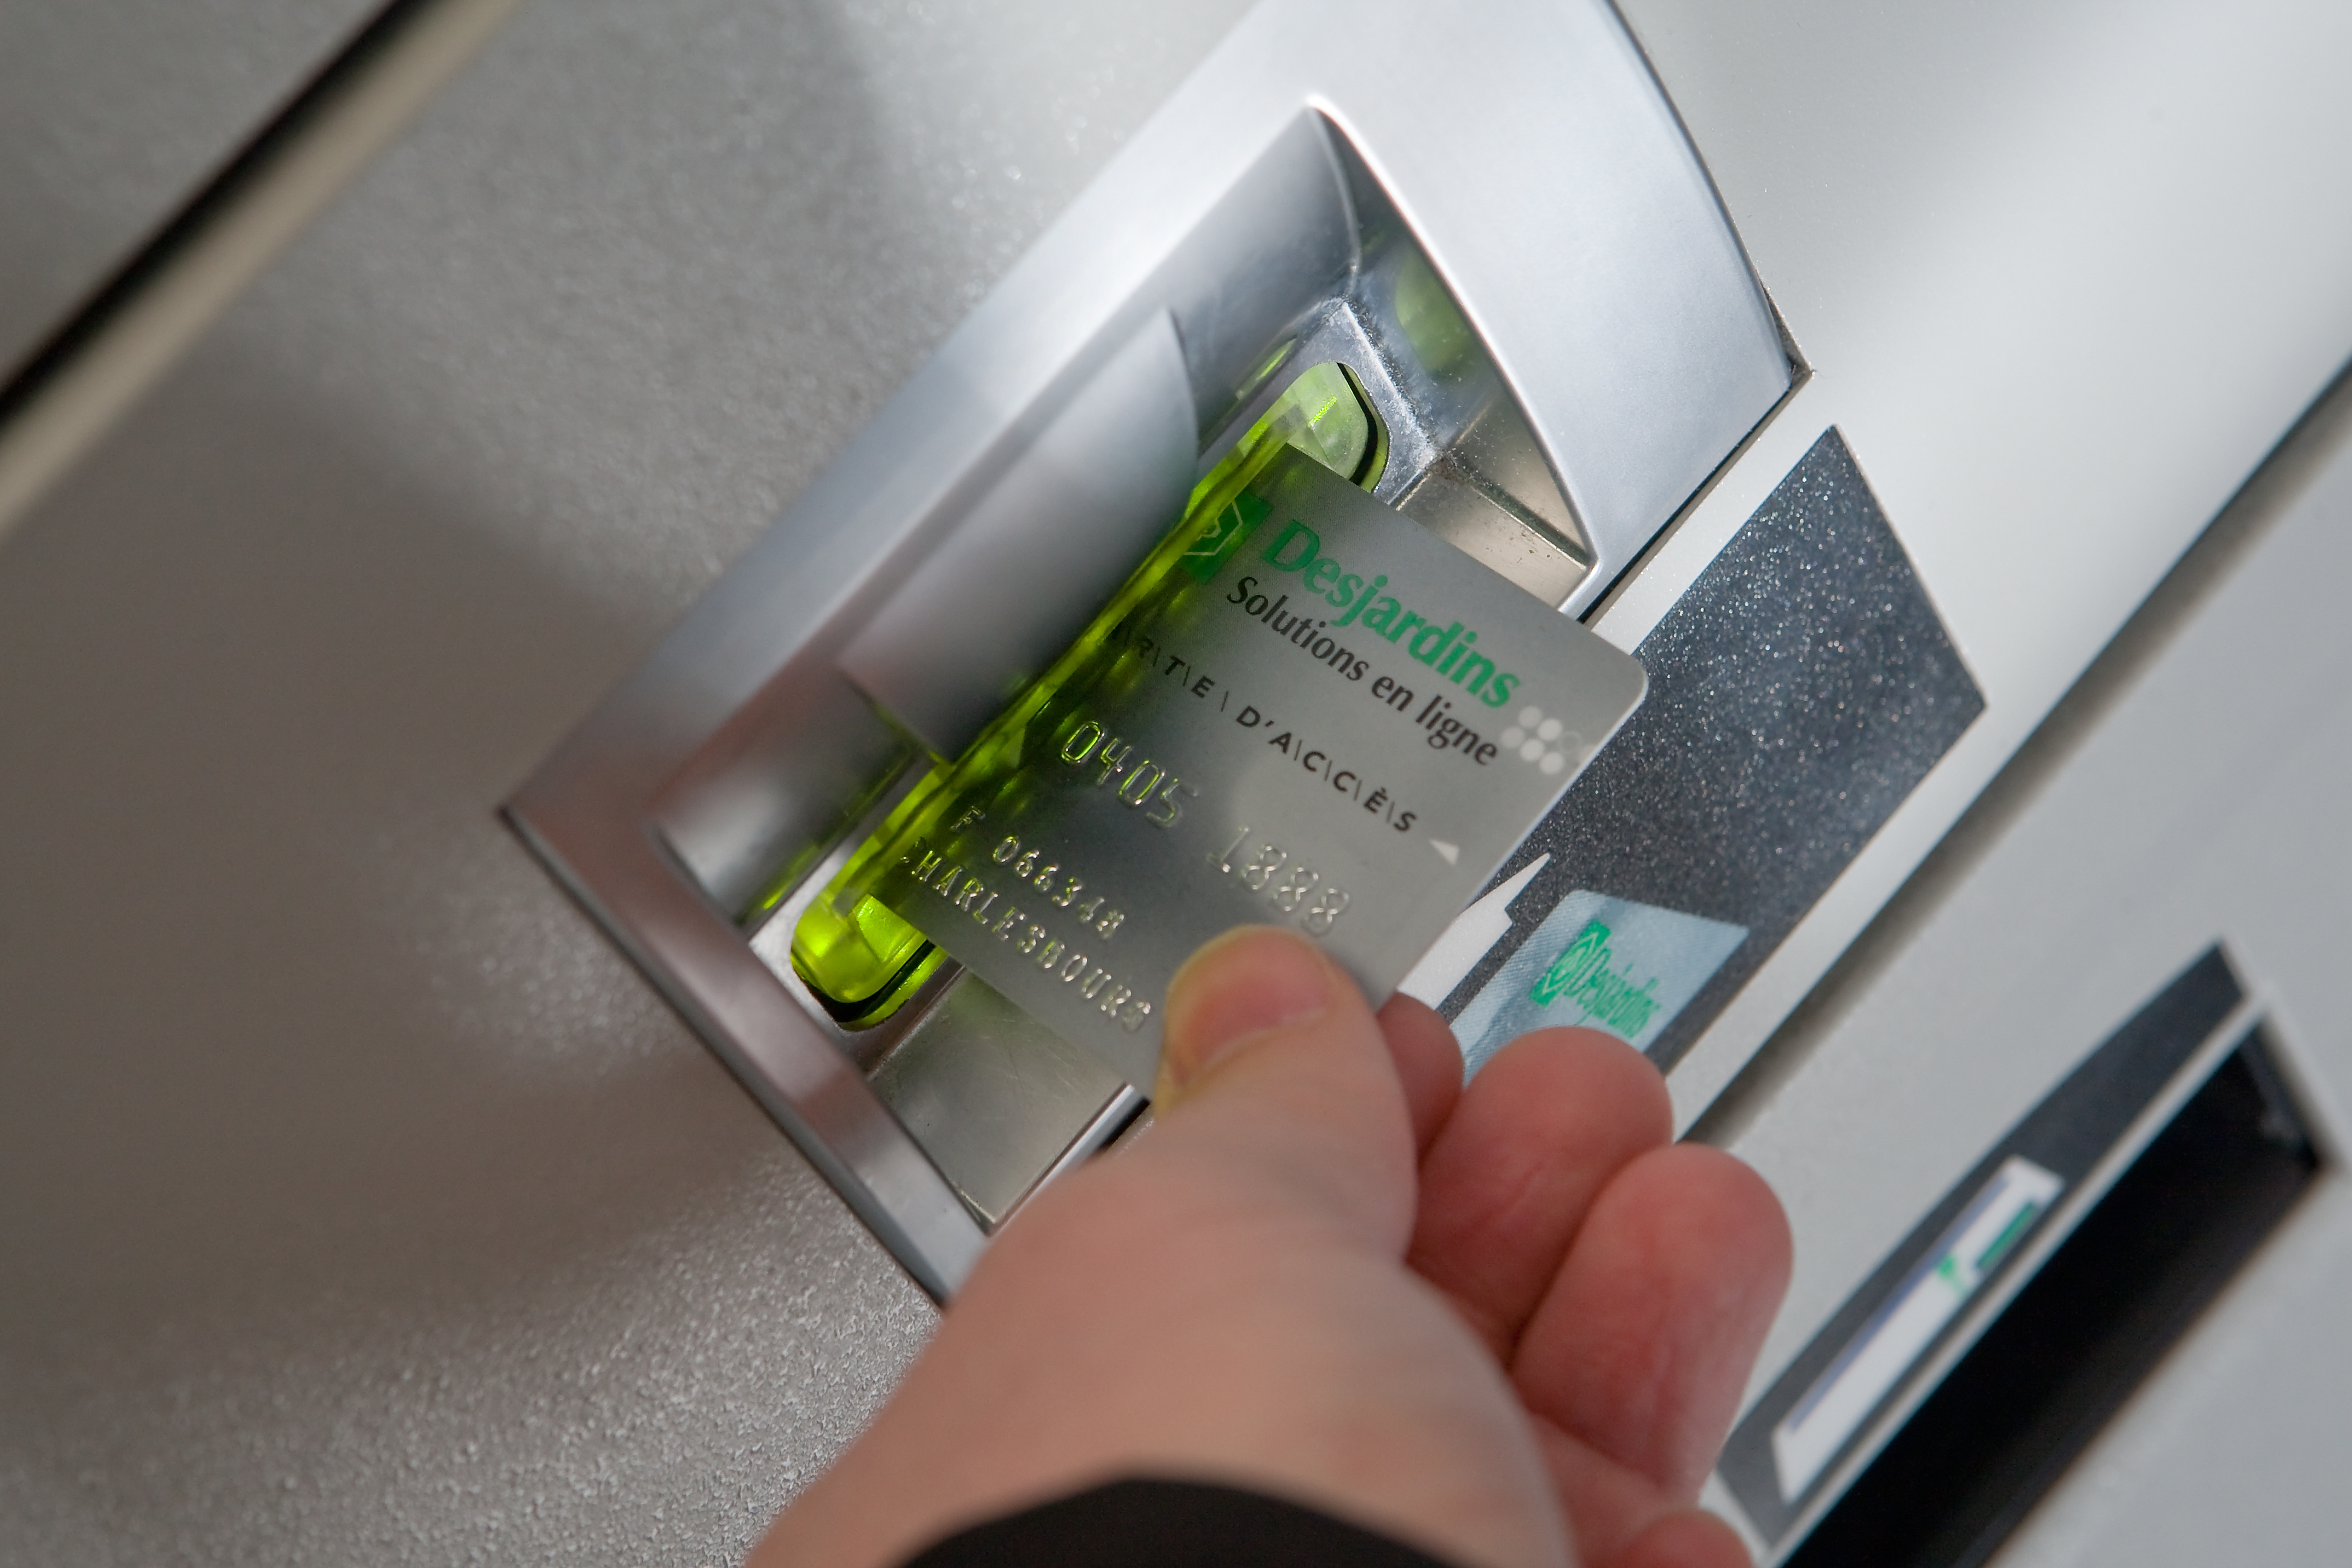 los bancos pueden cobrar incluso por sacar efectivo